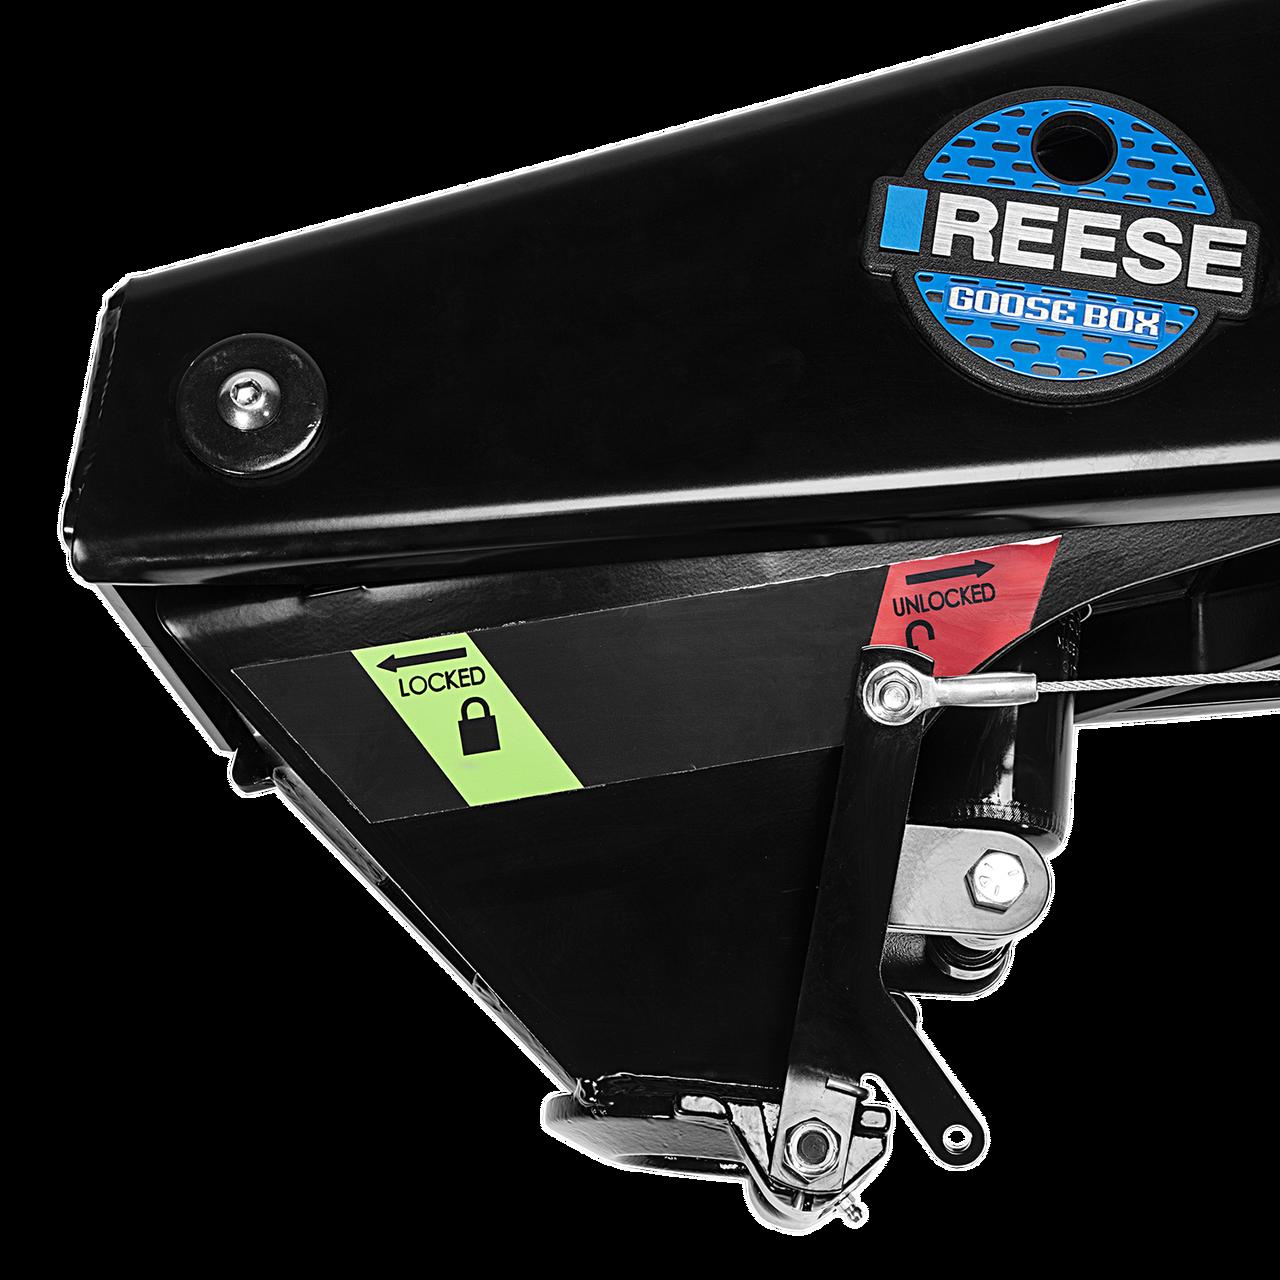 94716 --- Goose Box - 16K Gooseneck Coupler for RV's